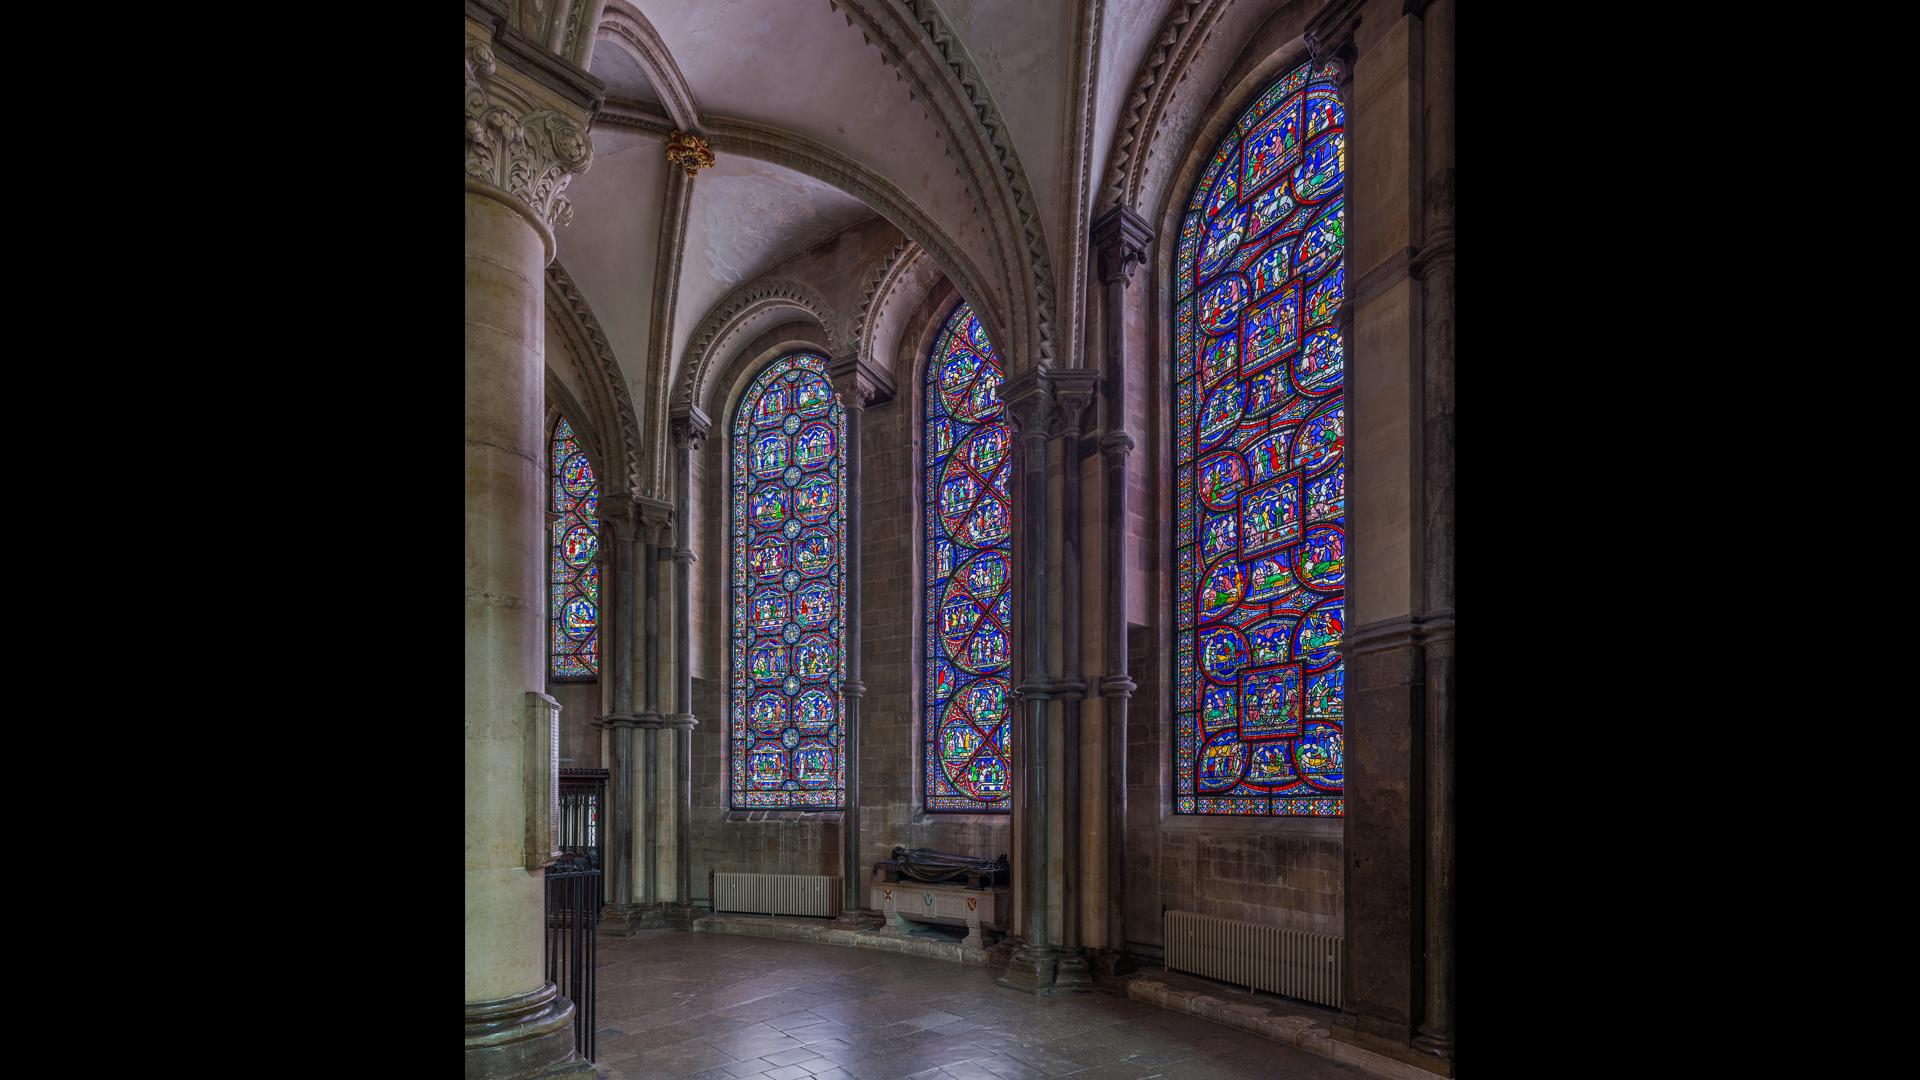 """Le célèbre """"Miracle Windows"""" dans la chapelle de la Trinité ont été achevés en 1220, et la tombe de Becket a été visitée par des milliers de pèlerins."""